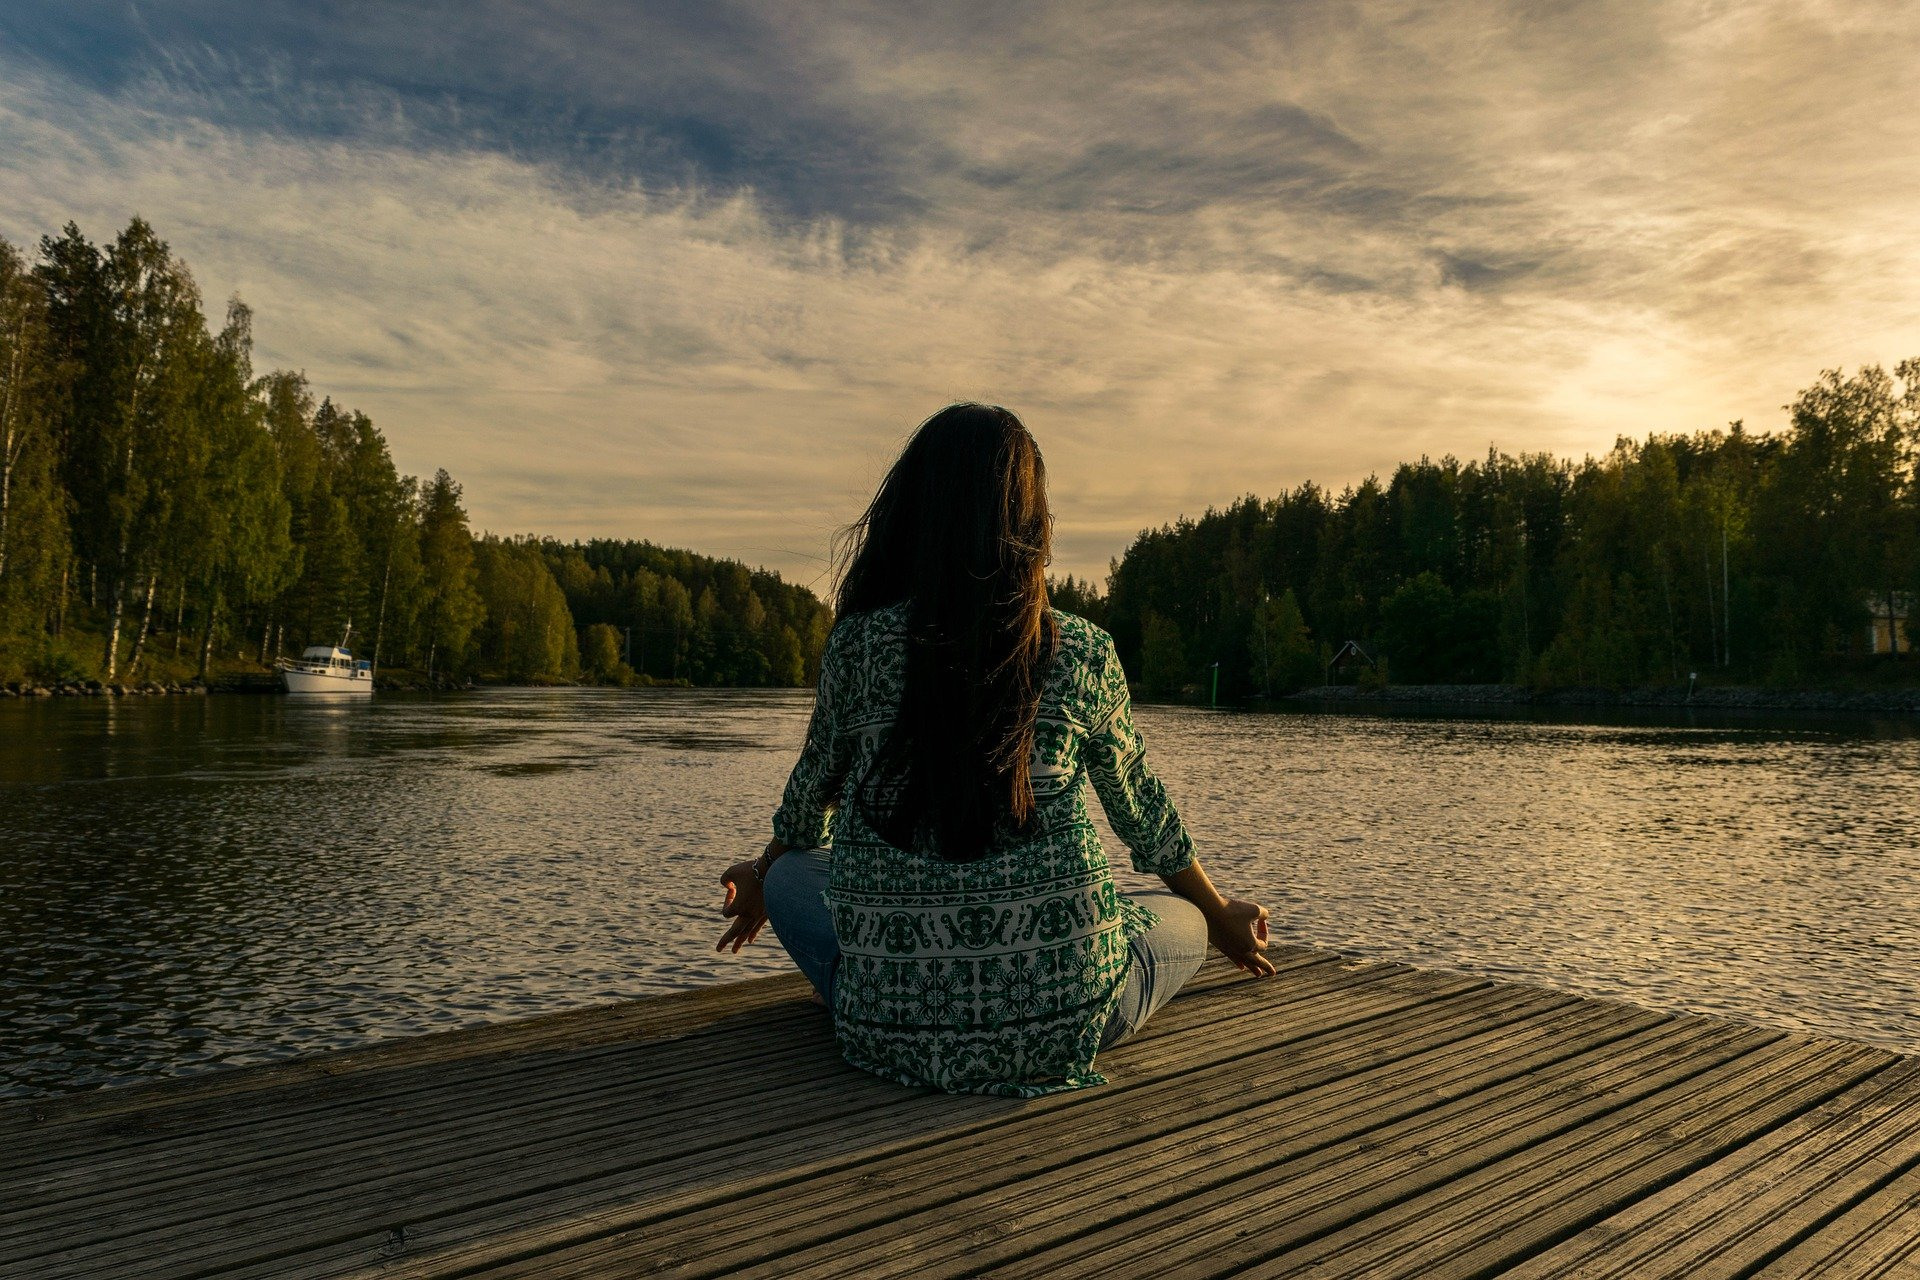 Foto de uma mulher de blusa verde sentada em uma estrutura de madeira na beira de um lado com árvores ao fundo. Imagem ilustrativa para texto seguro de vida individual.